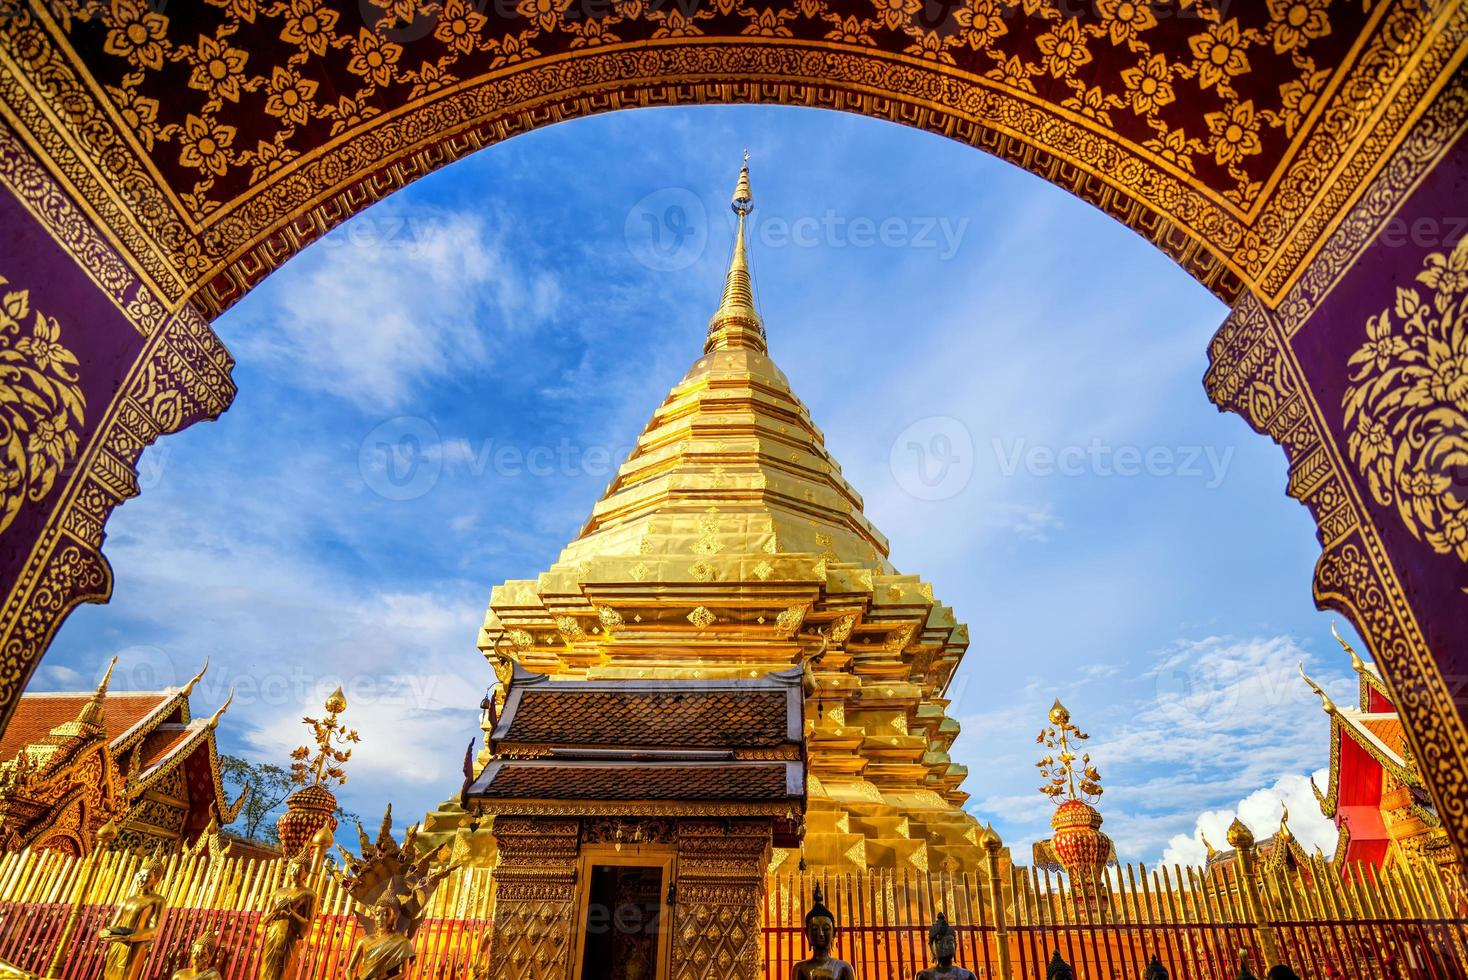 wat phra that doi suthep, populaire mooie tempel foto